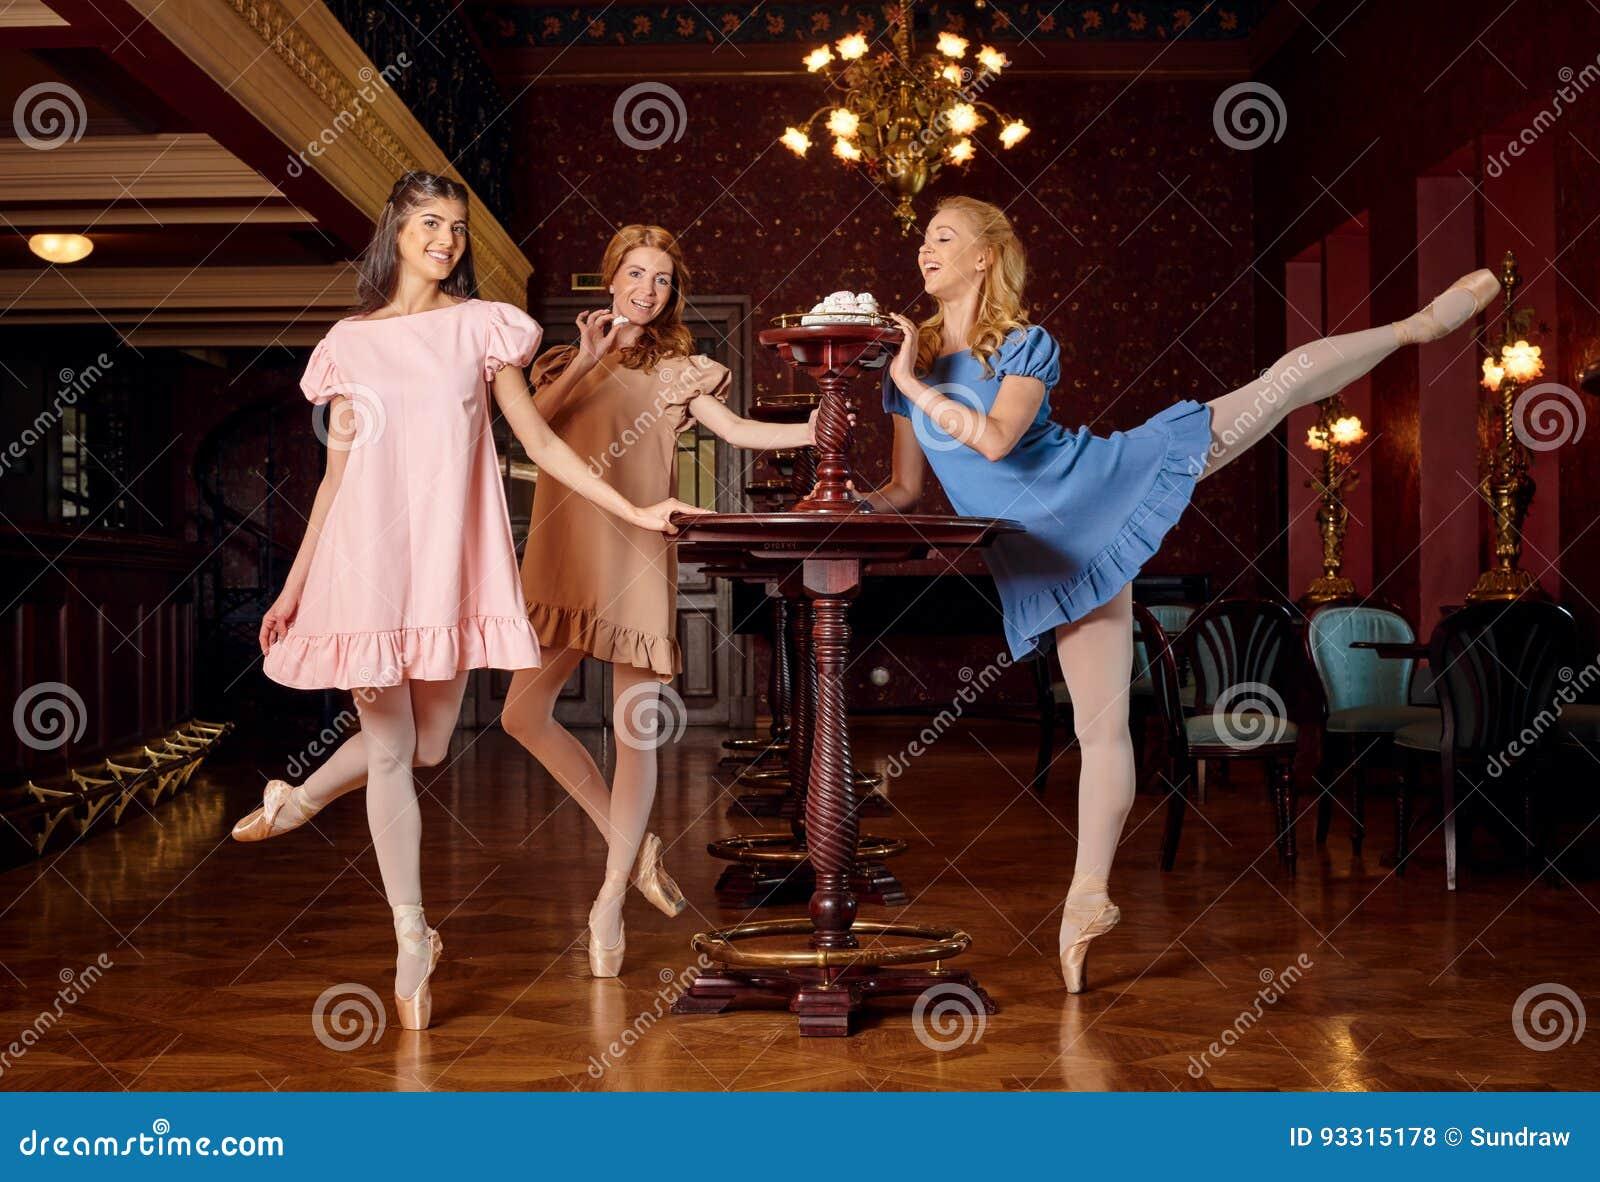 sito affidabile bc48c 826a6 Le Ballerine Di Modo In Vestiti Colourful Vogliono ...